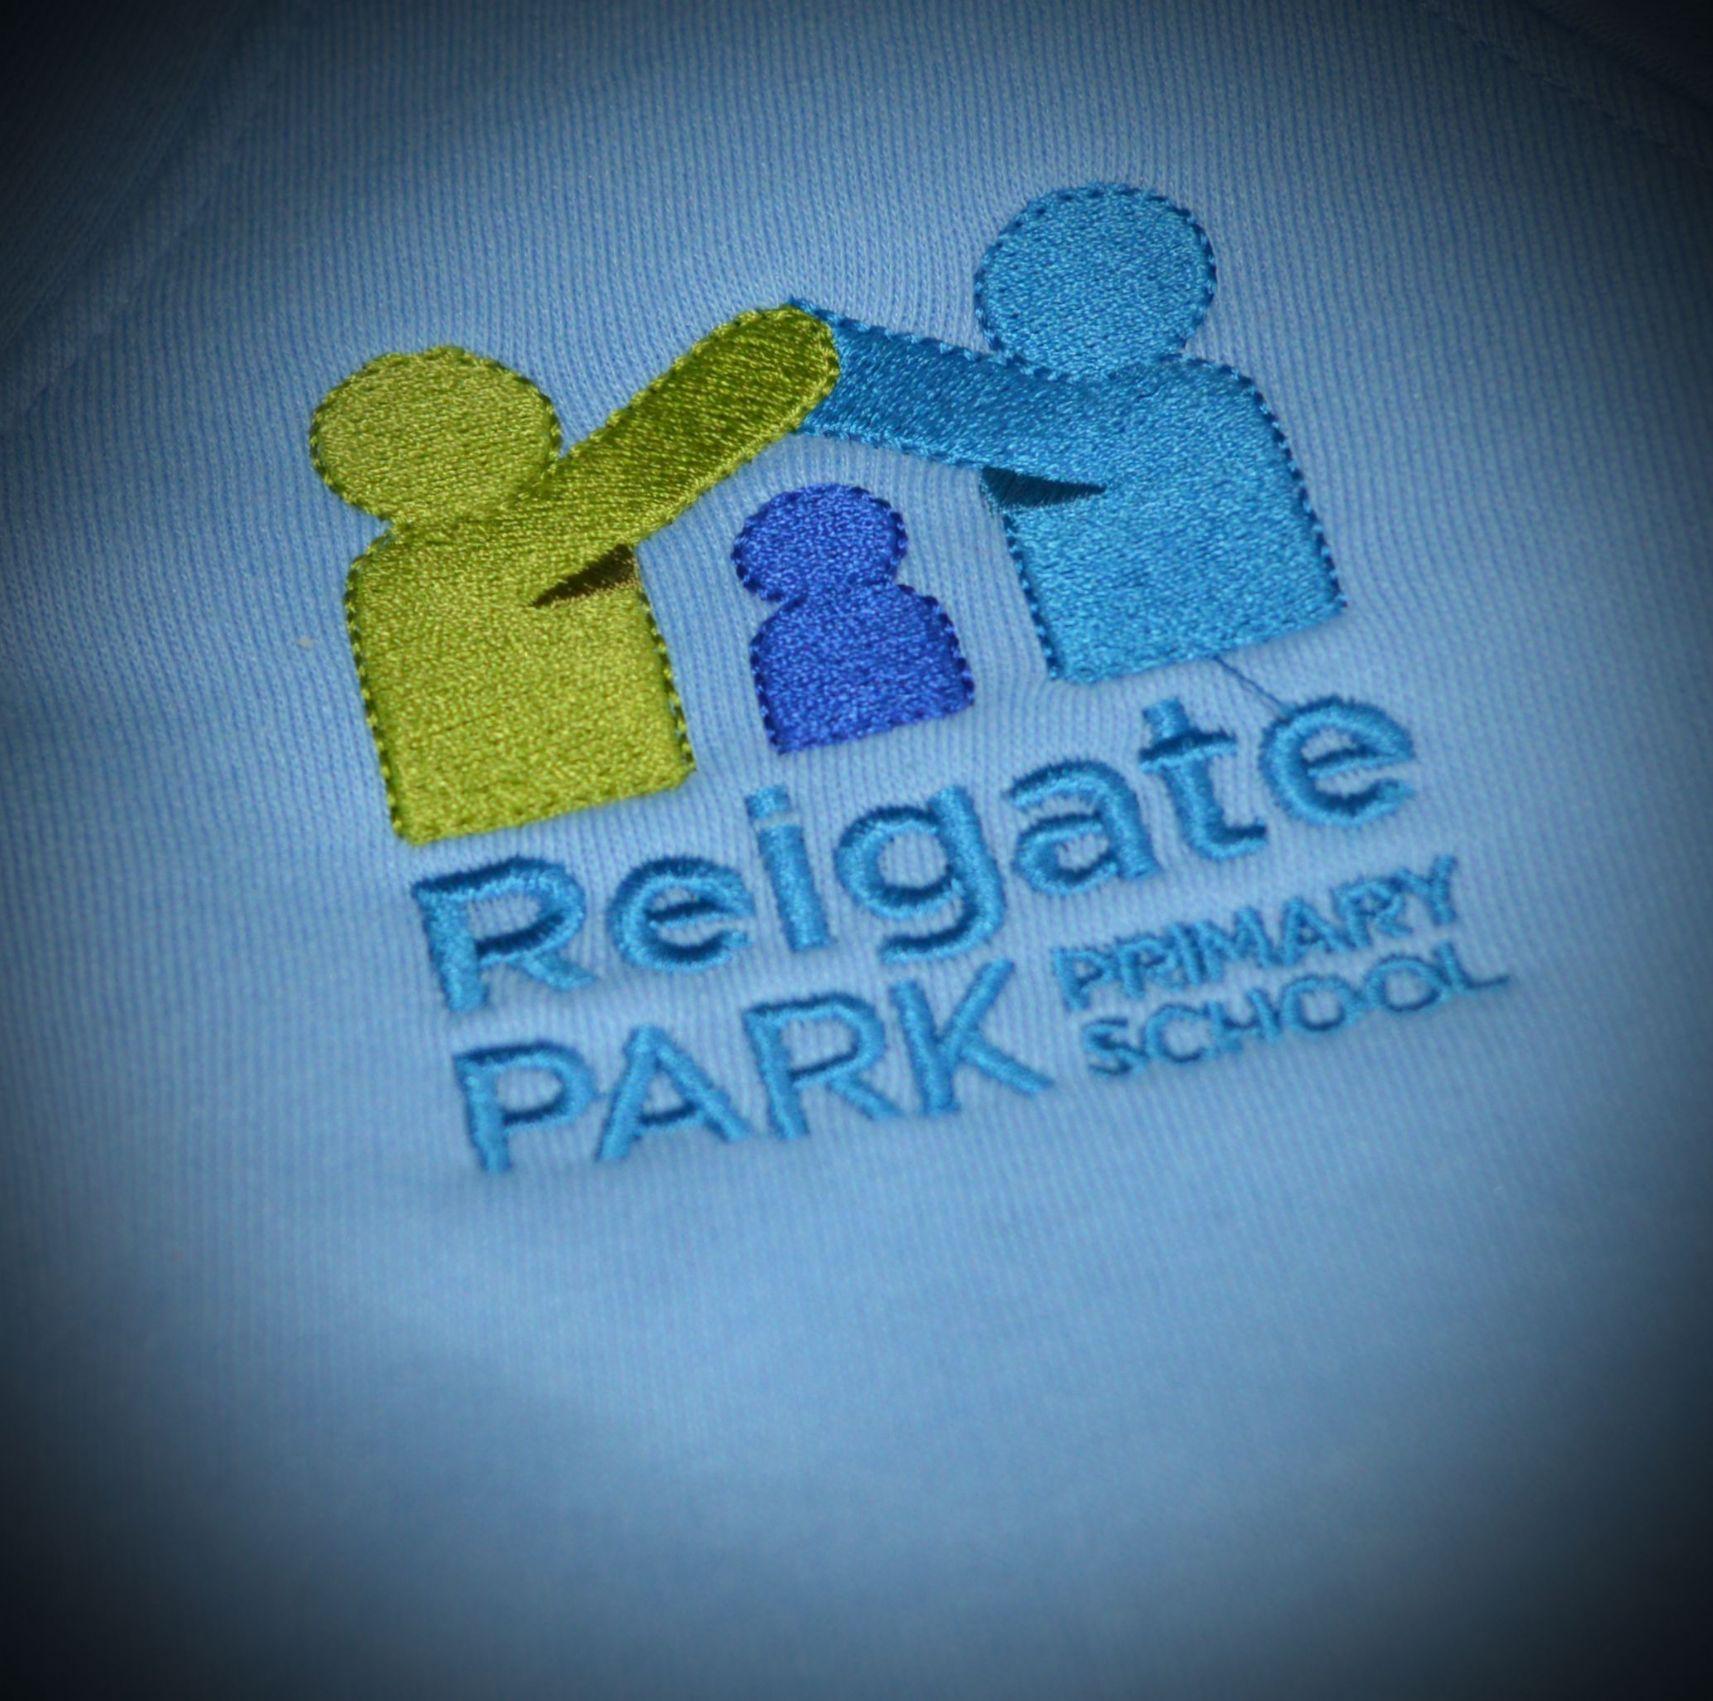 reigate-park-primary-school-cardigan-[2]-18141-p